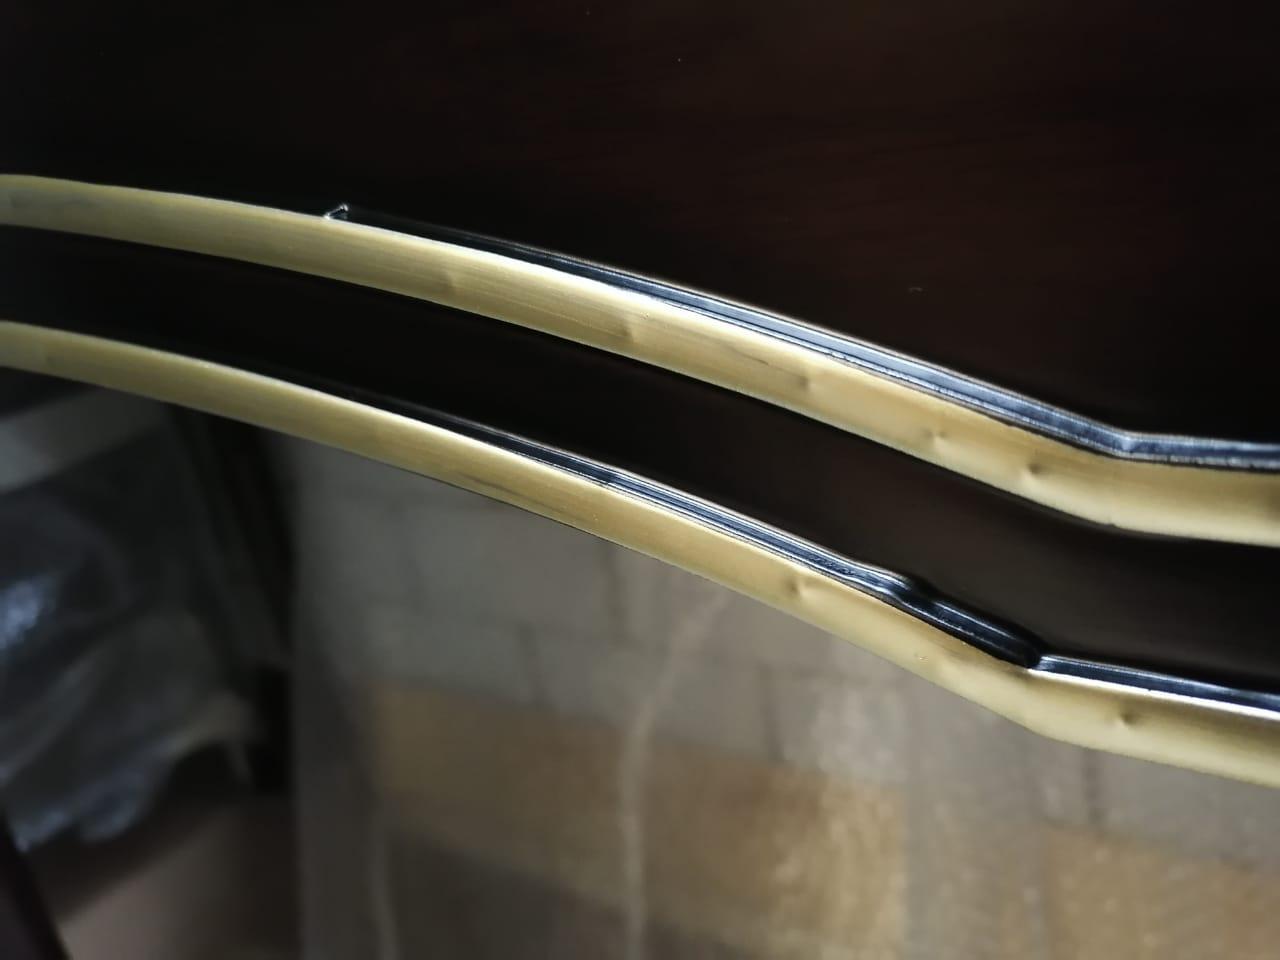 Реставрация консоли устранение фабричного дефекта в реставрационной мастерской Restorer.expert